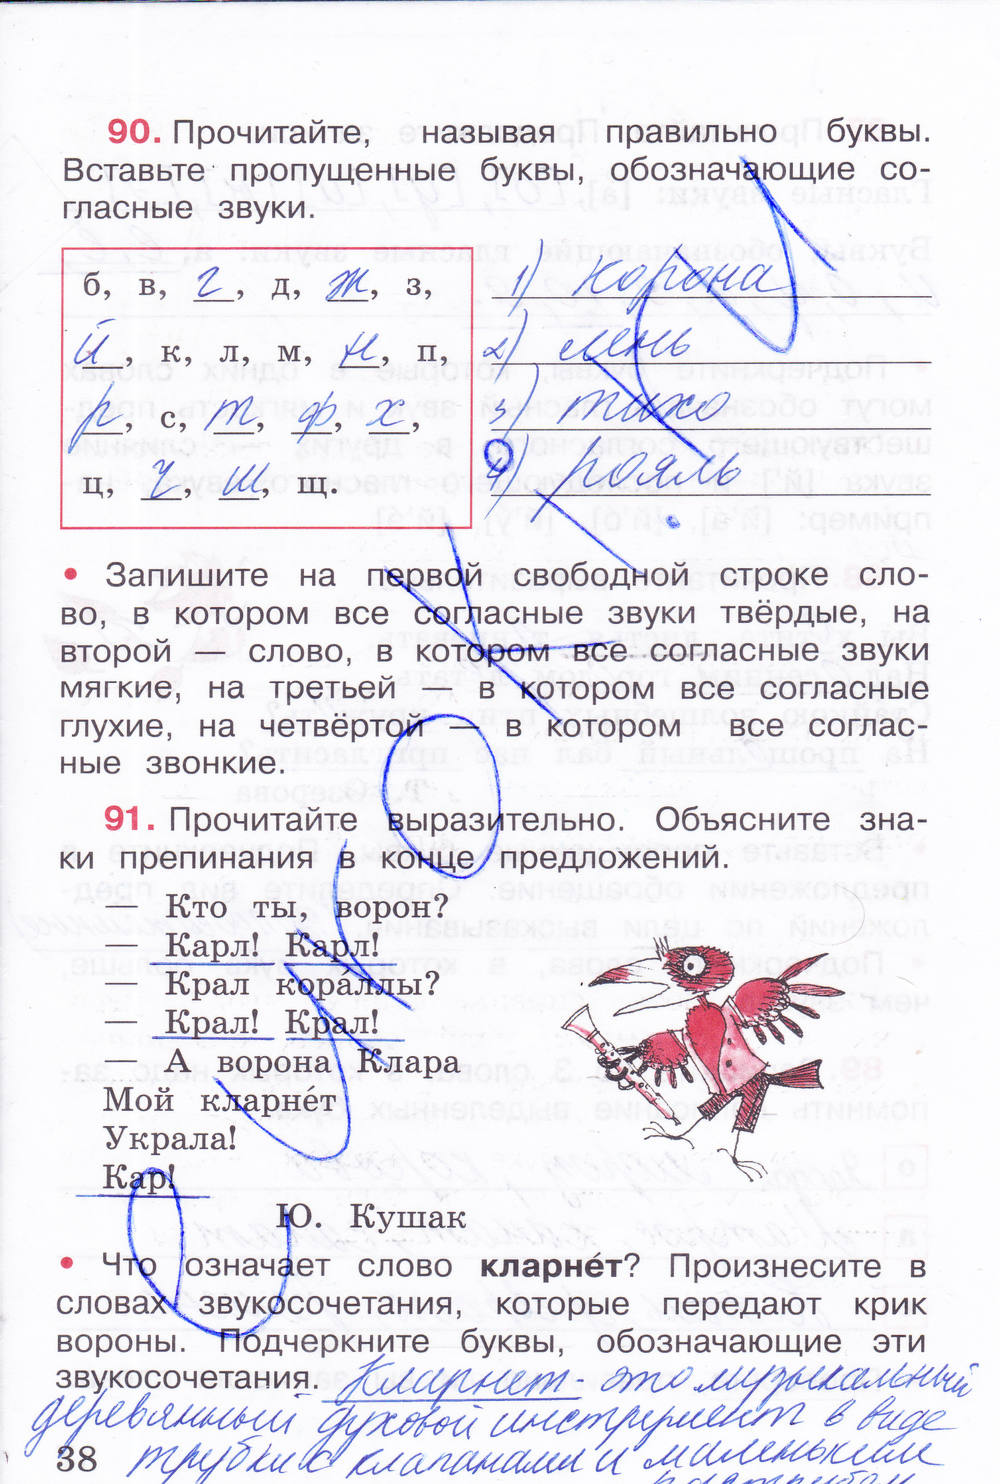 гдз рабочая тетрадь по русский язык 3 класс 1 часть автор канакина